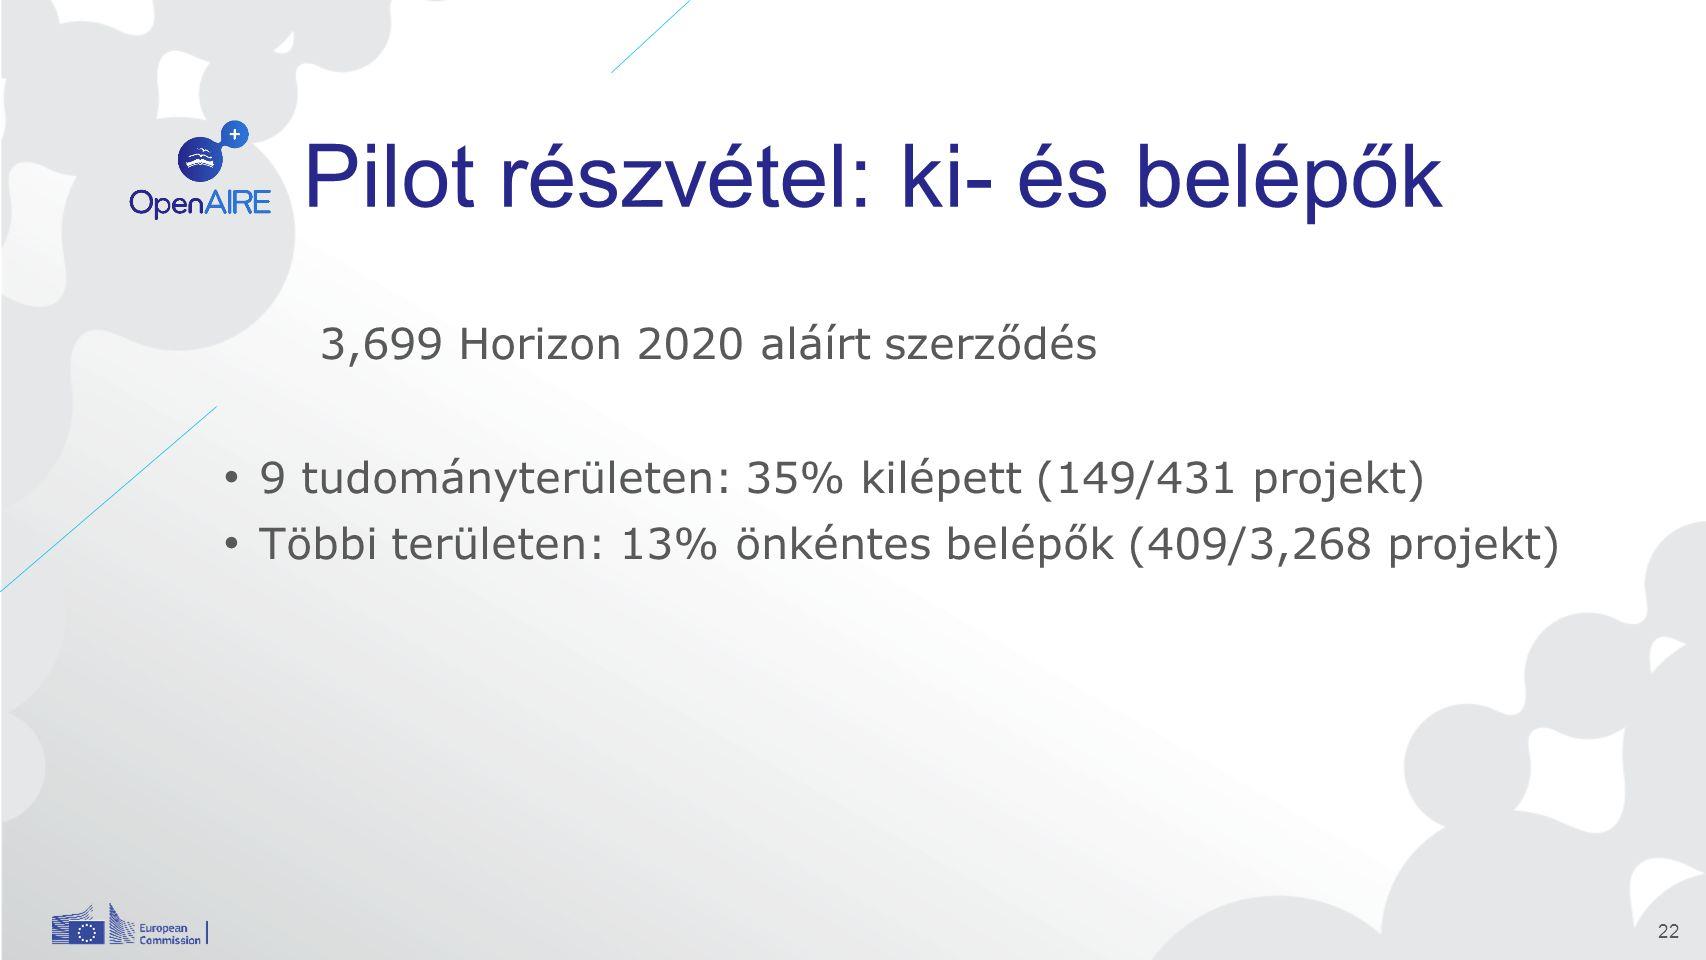 Pilot részvétel: ki- és belépők 3,699 Horizon 2020 aláírt szerződés 9 tudományterületen: 35% kilépett (149/431 projekt) Többi területen: 13% önkéntes belépők (409/3,268 projekt) 22